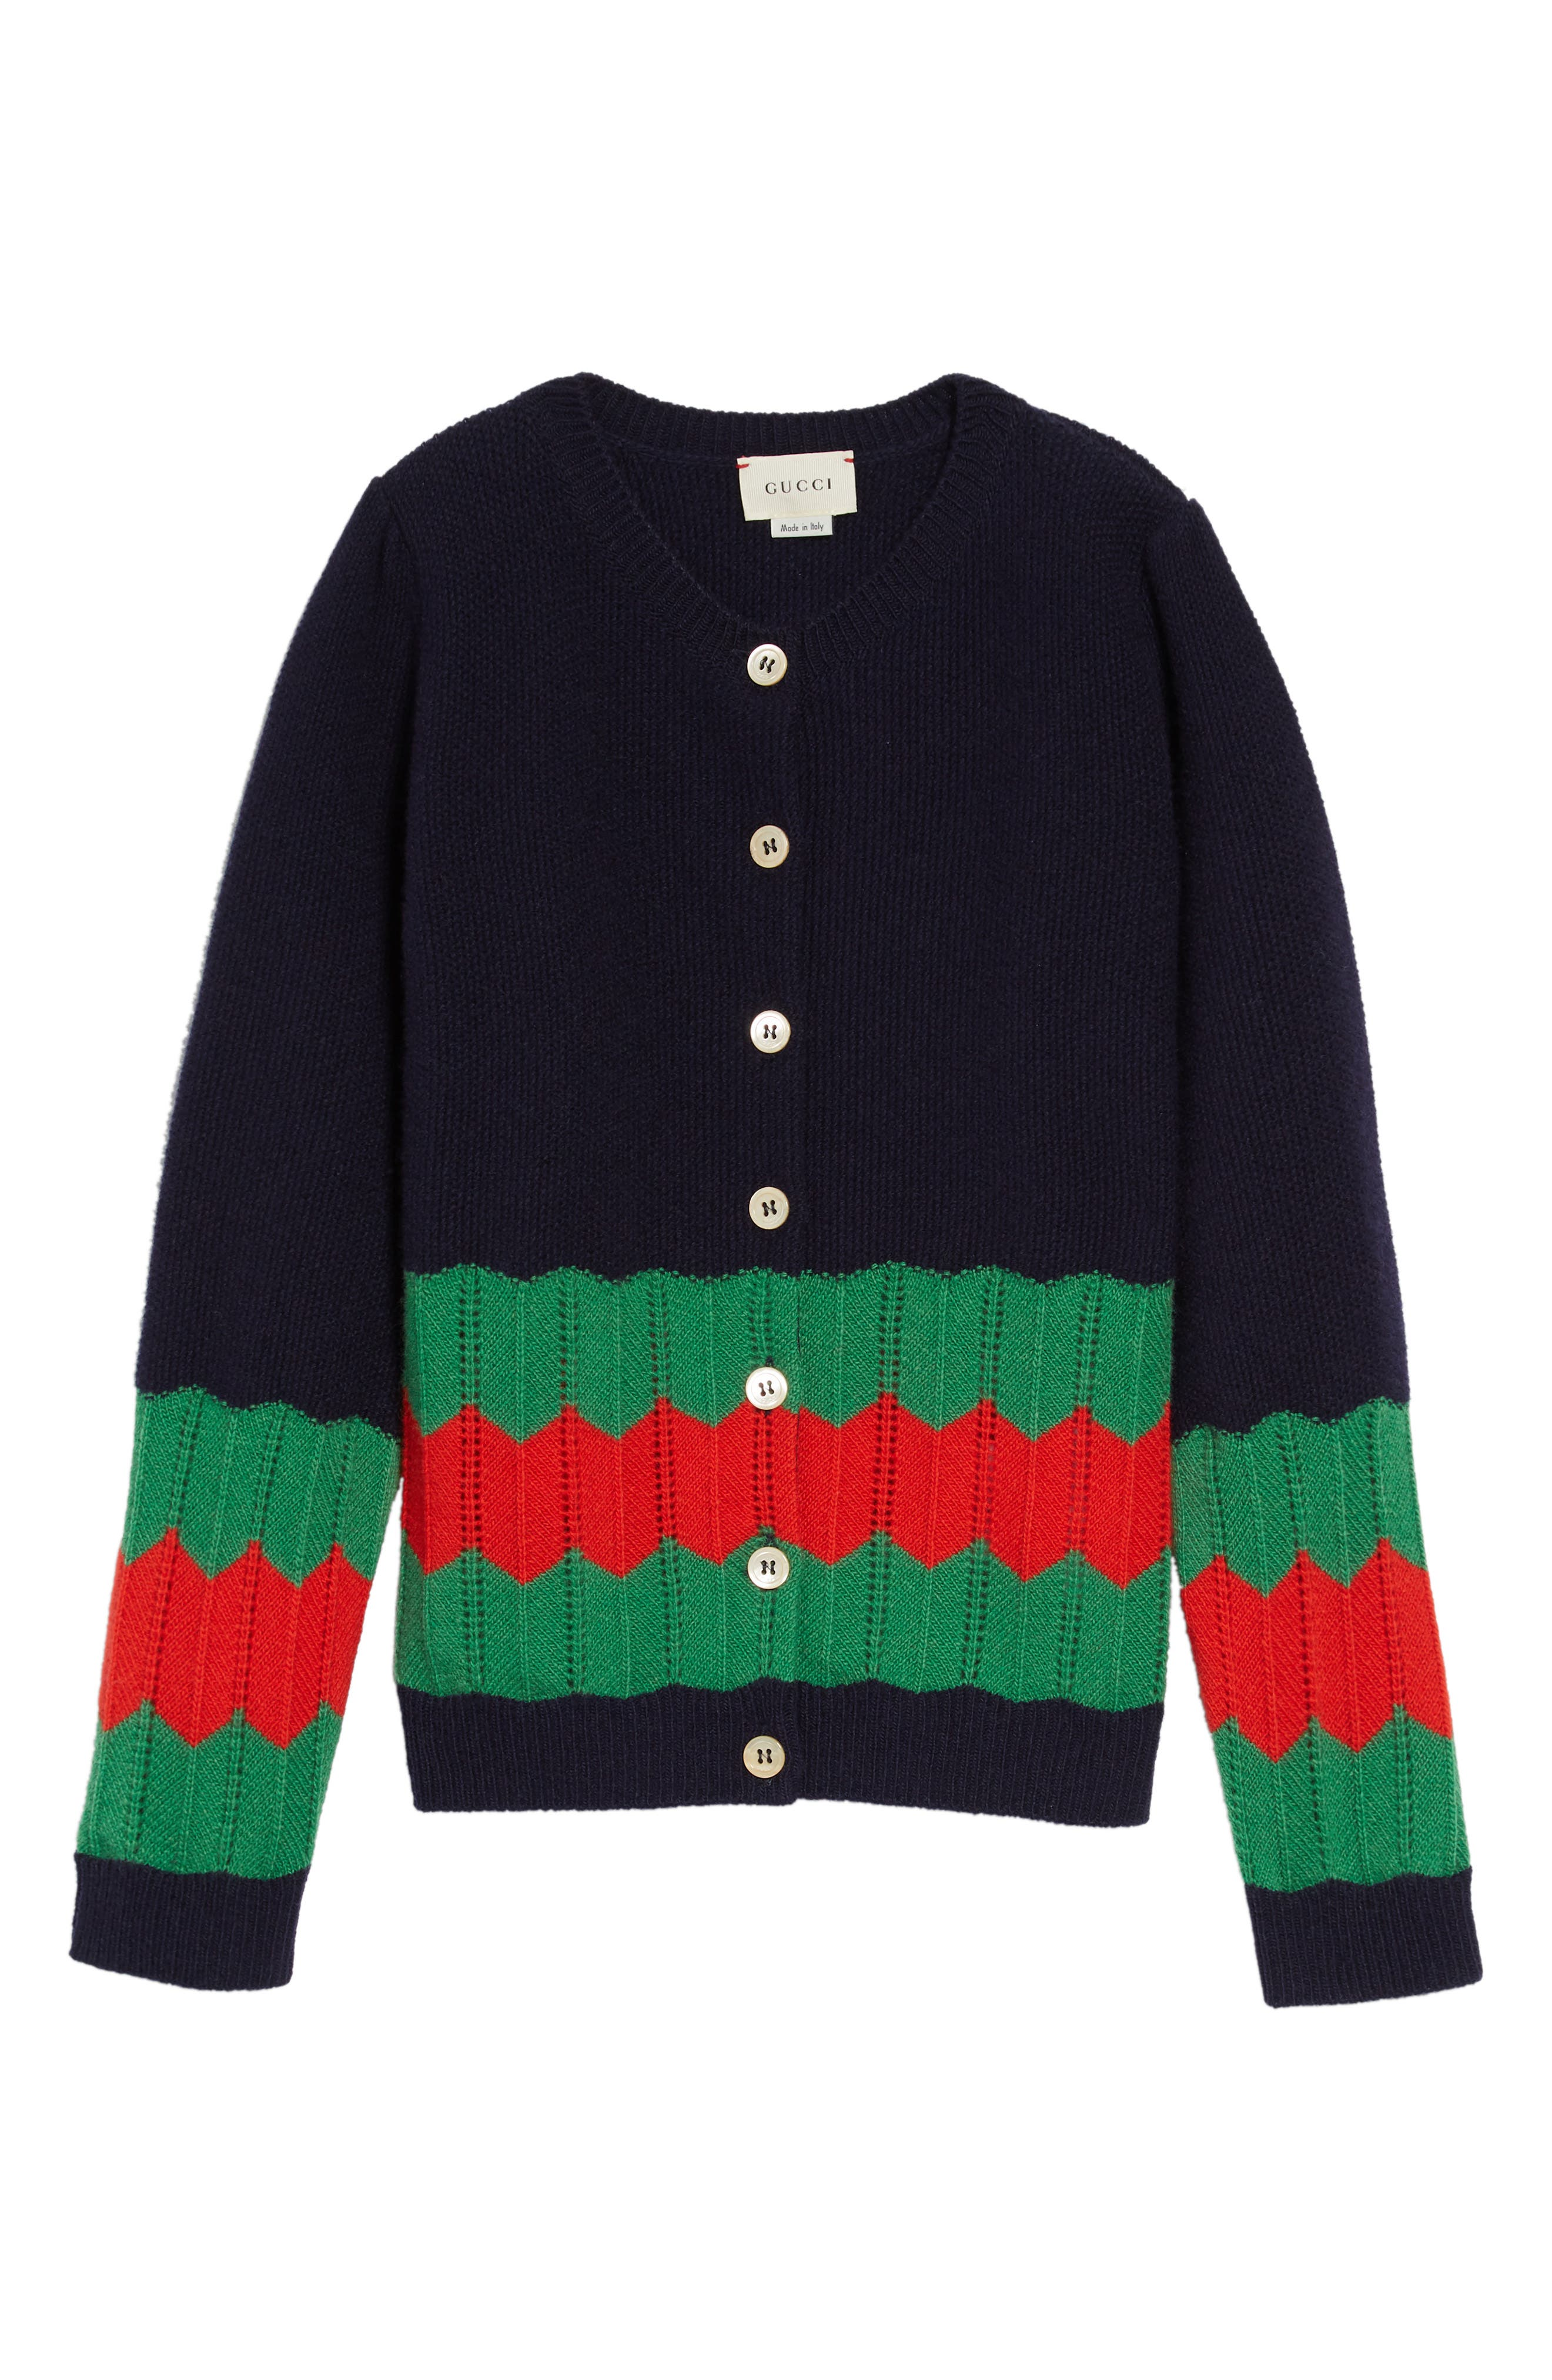 Girls Gucci Wool Knit Cardigan Size 12Y  Blue